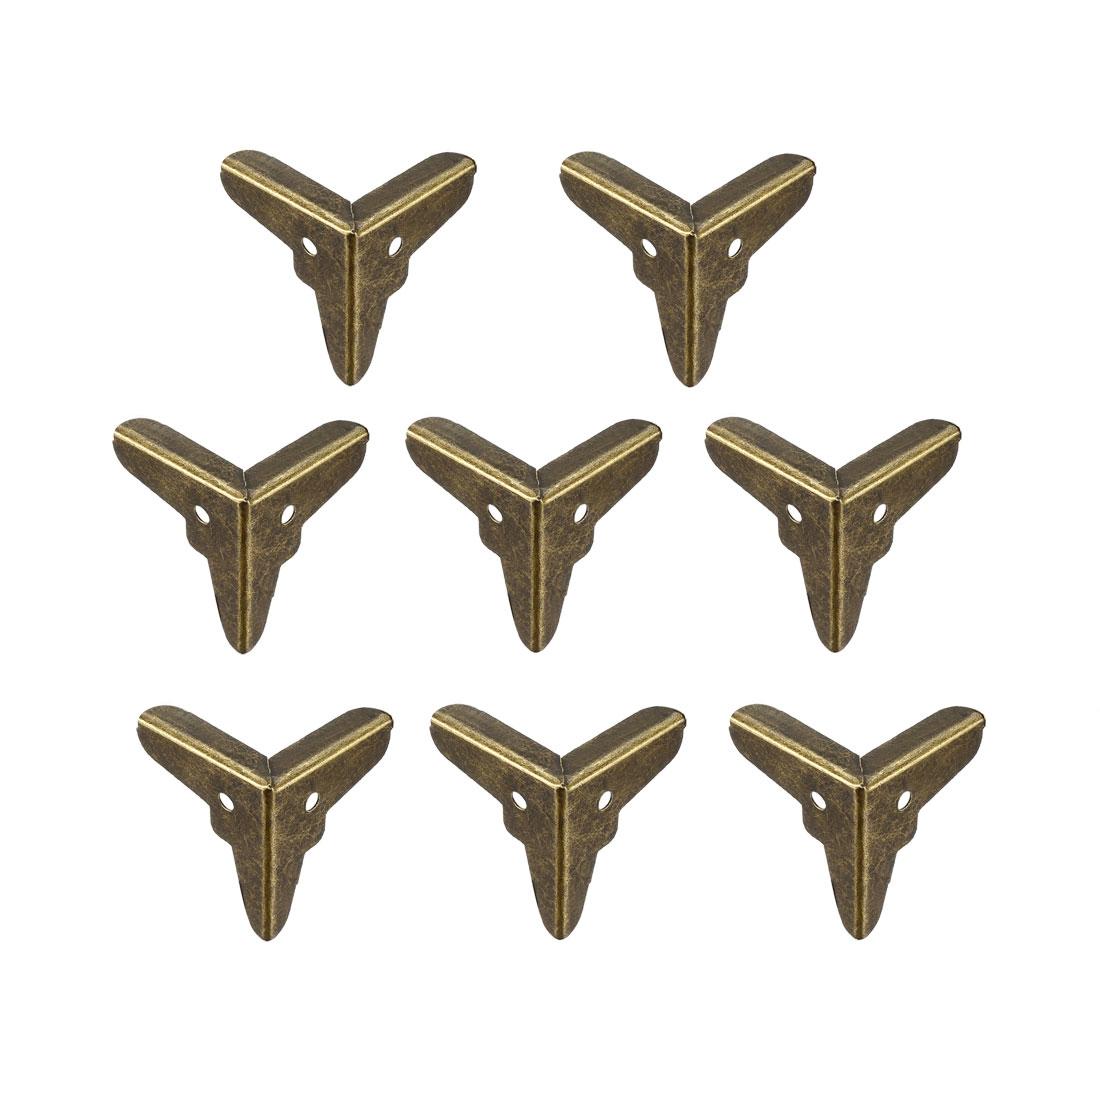 Metal Box Corner Protectors Edge Protector 20x20x20mm Bronze Tone 8pcs